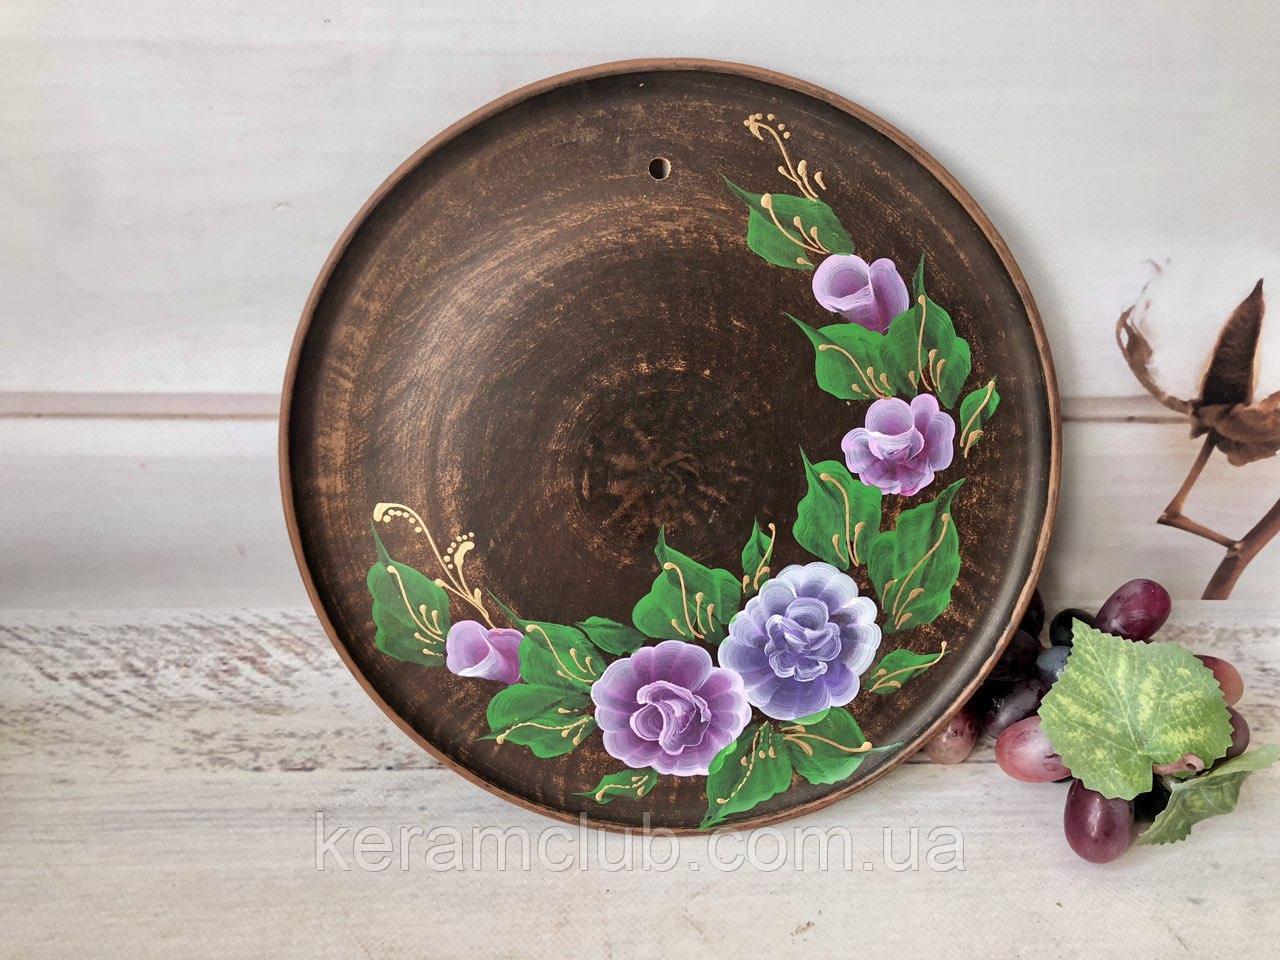 Настенное панно с ручной росписью сиреневые цветы